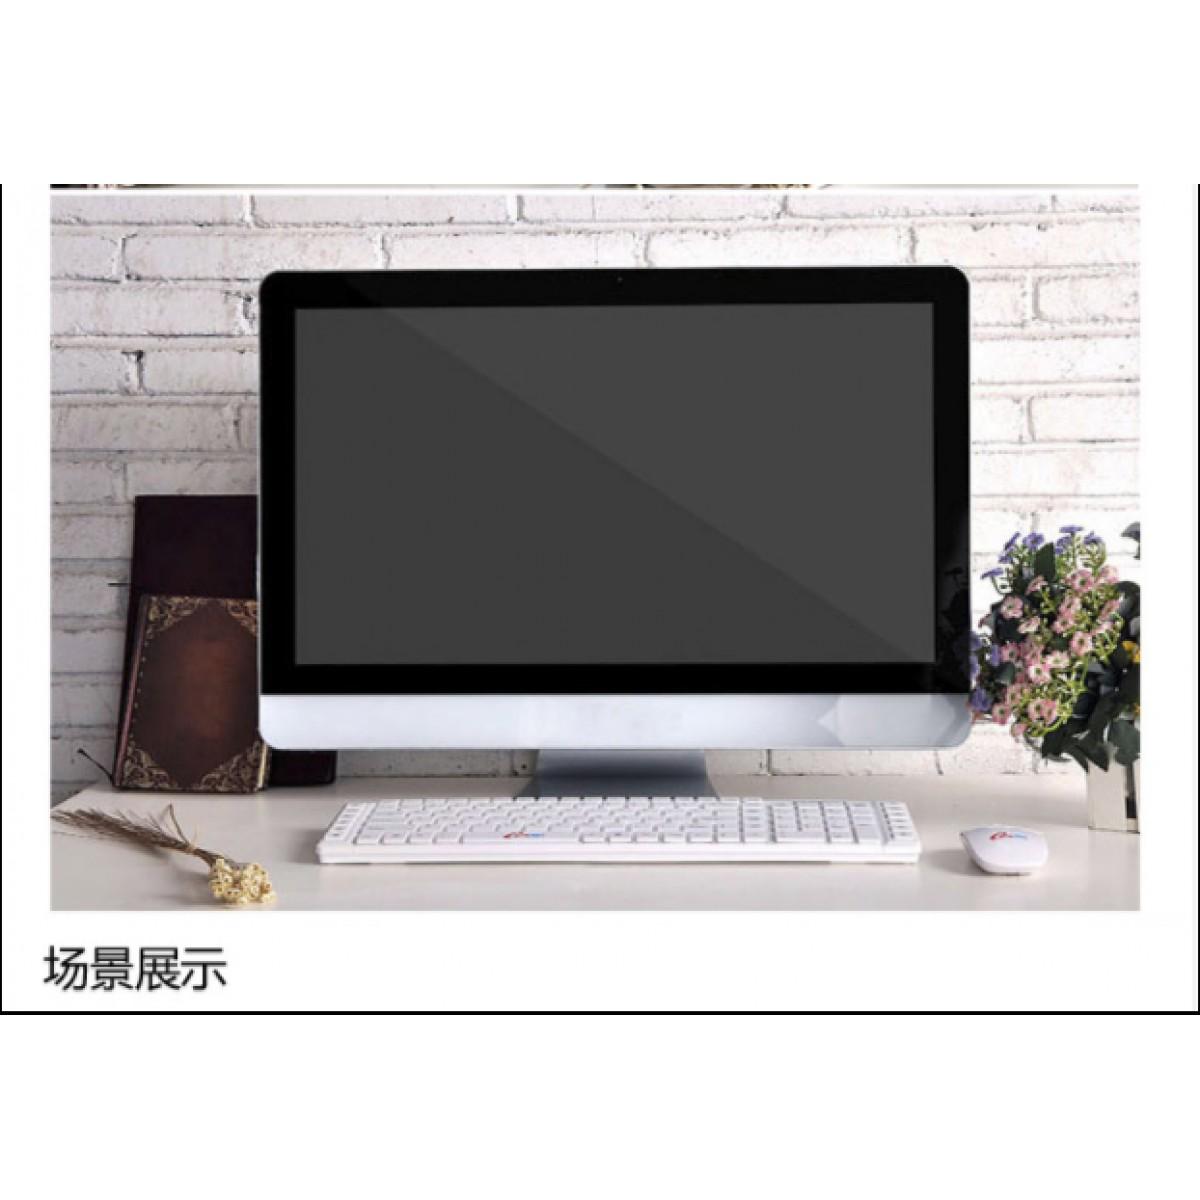 西泊尔24寸苹果风 H110+i37100+8G+256G